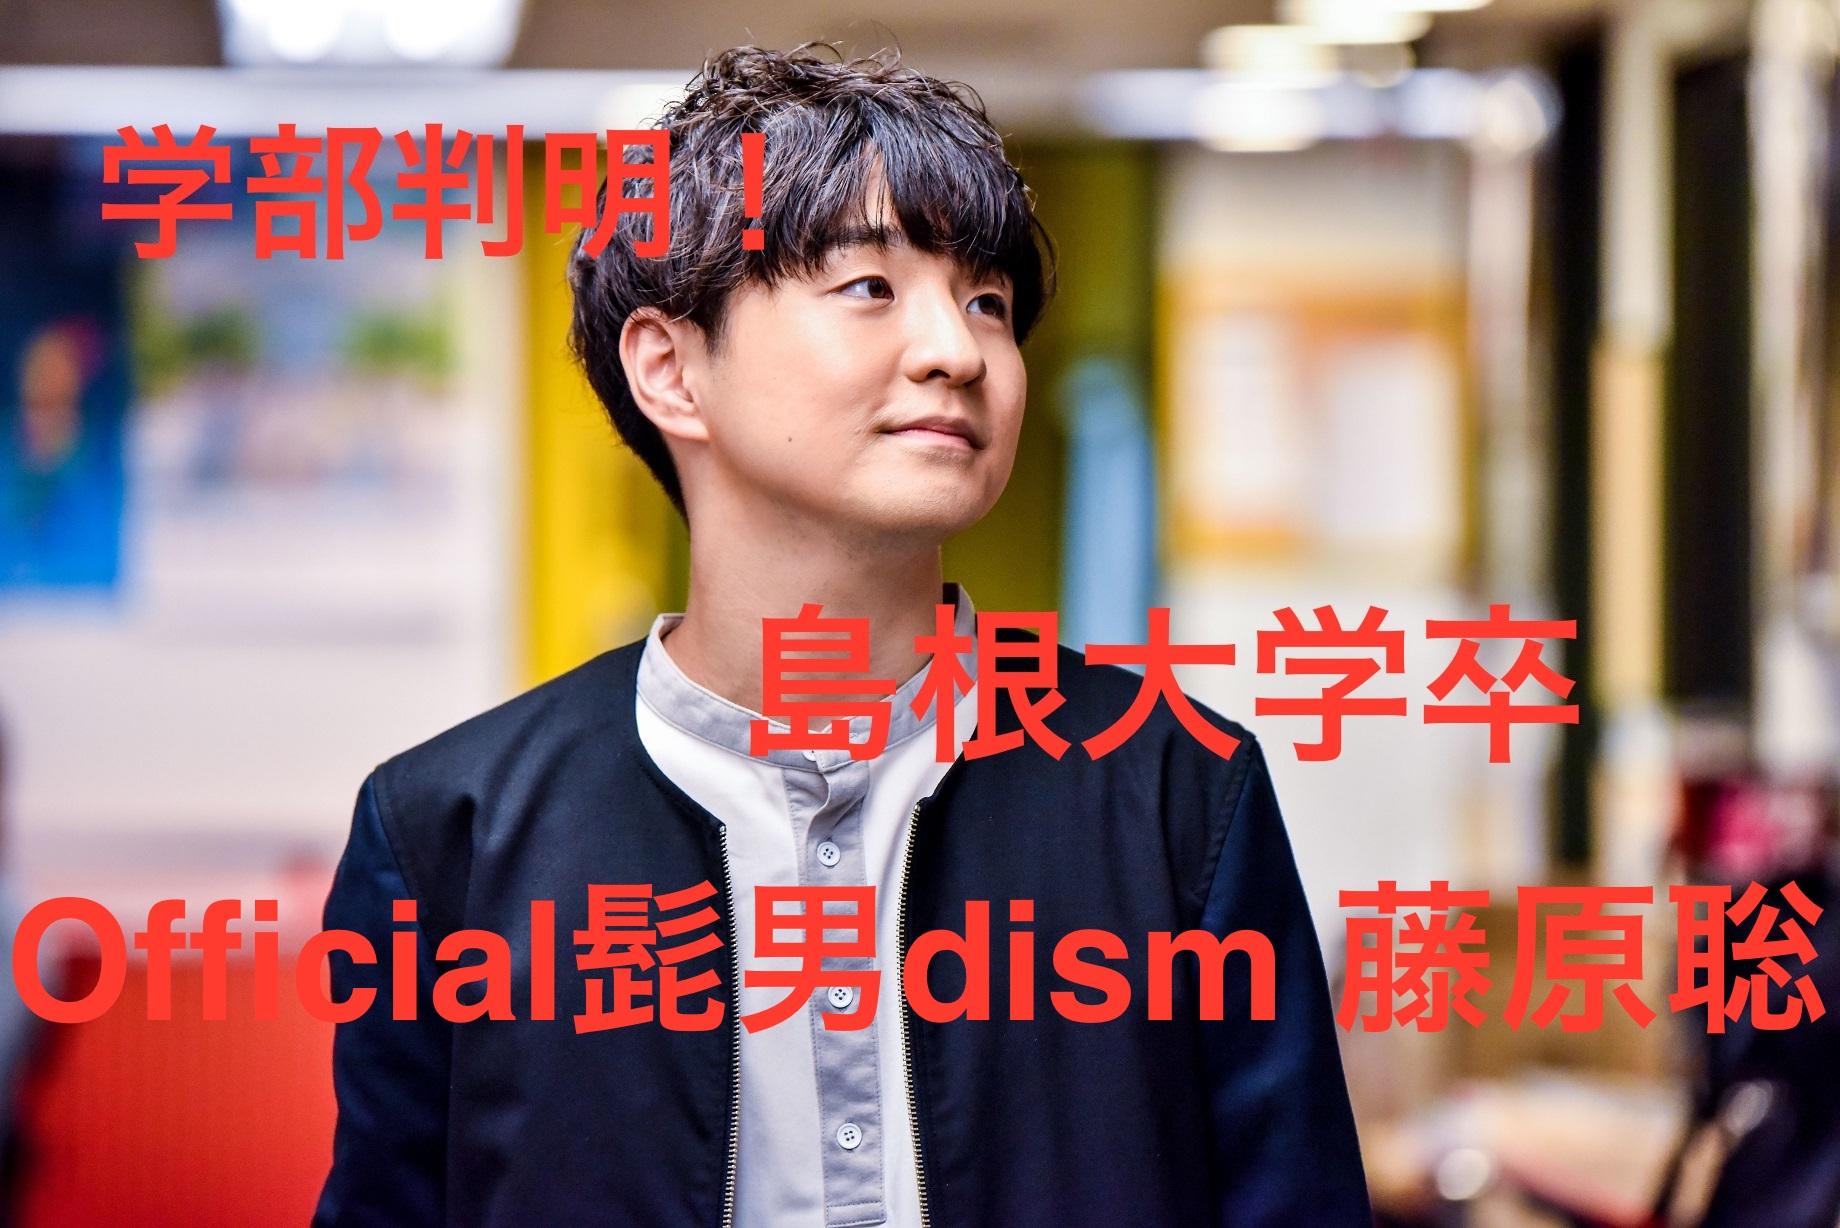 藤原聡の島根大学の学部が判明!選んだ理由とその後の音楽への影響は